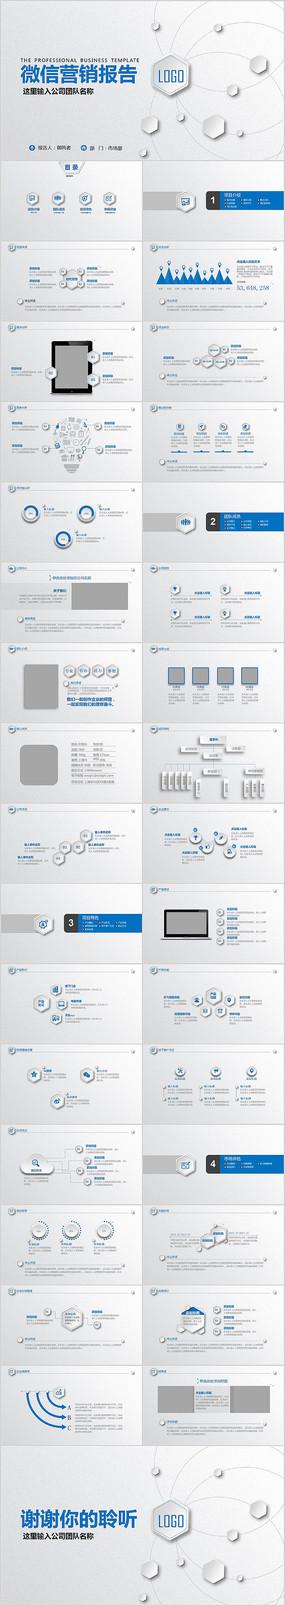 互聯網電子商務微信營銷工作報告PPT